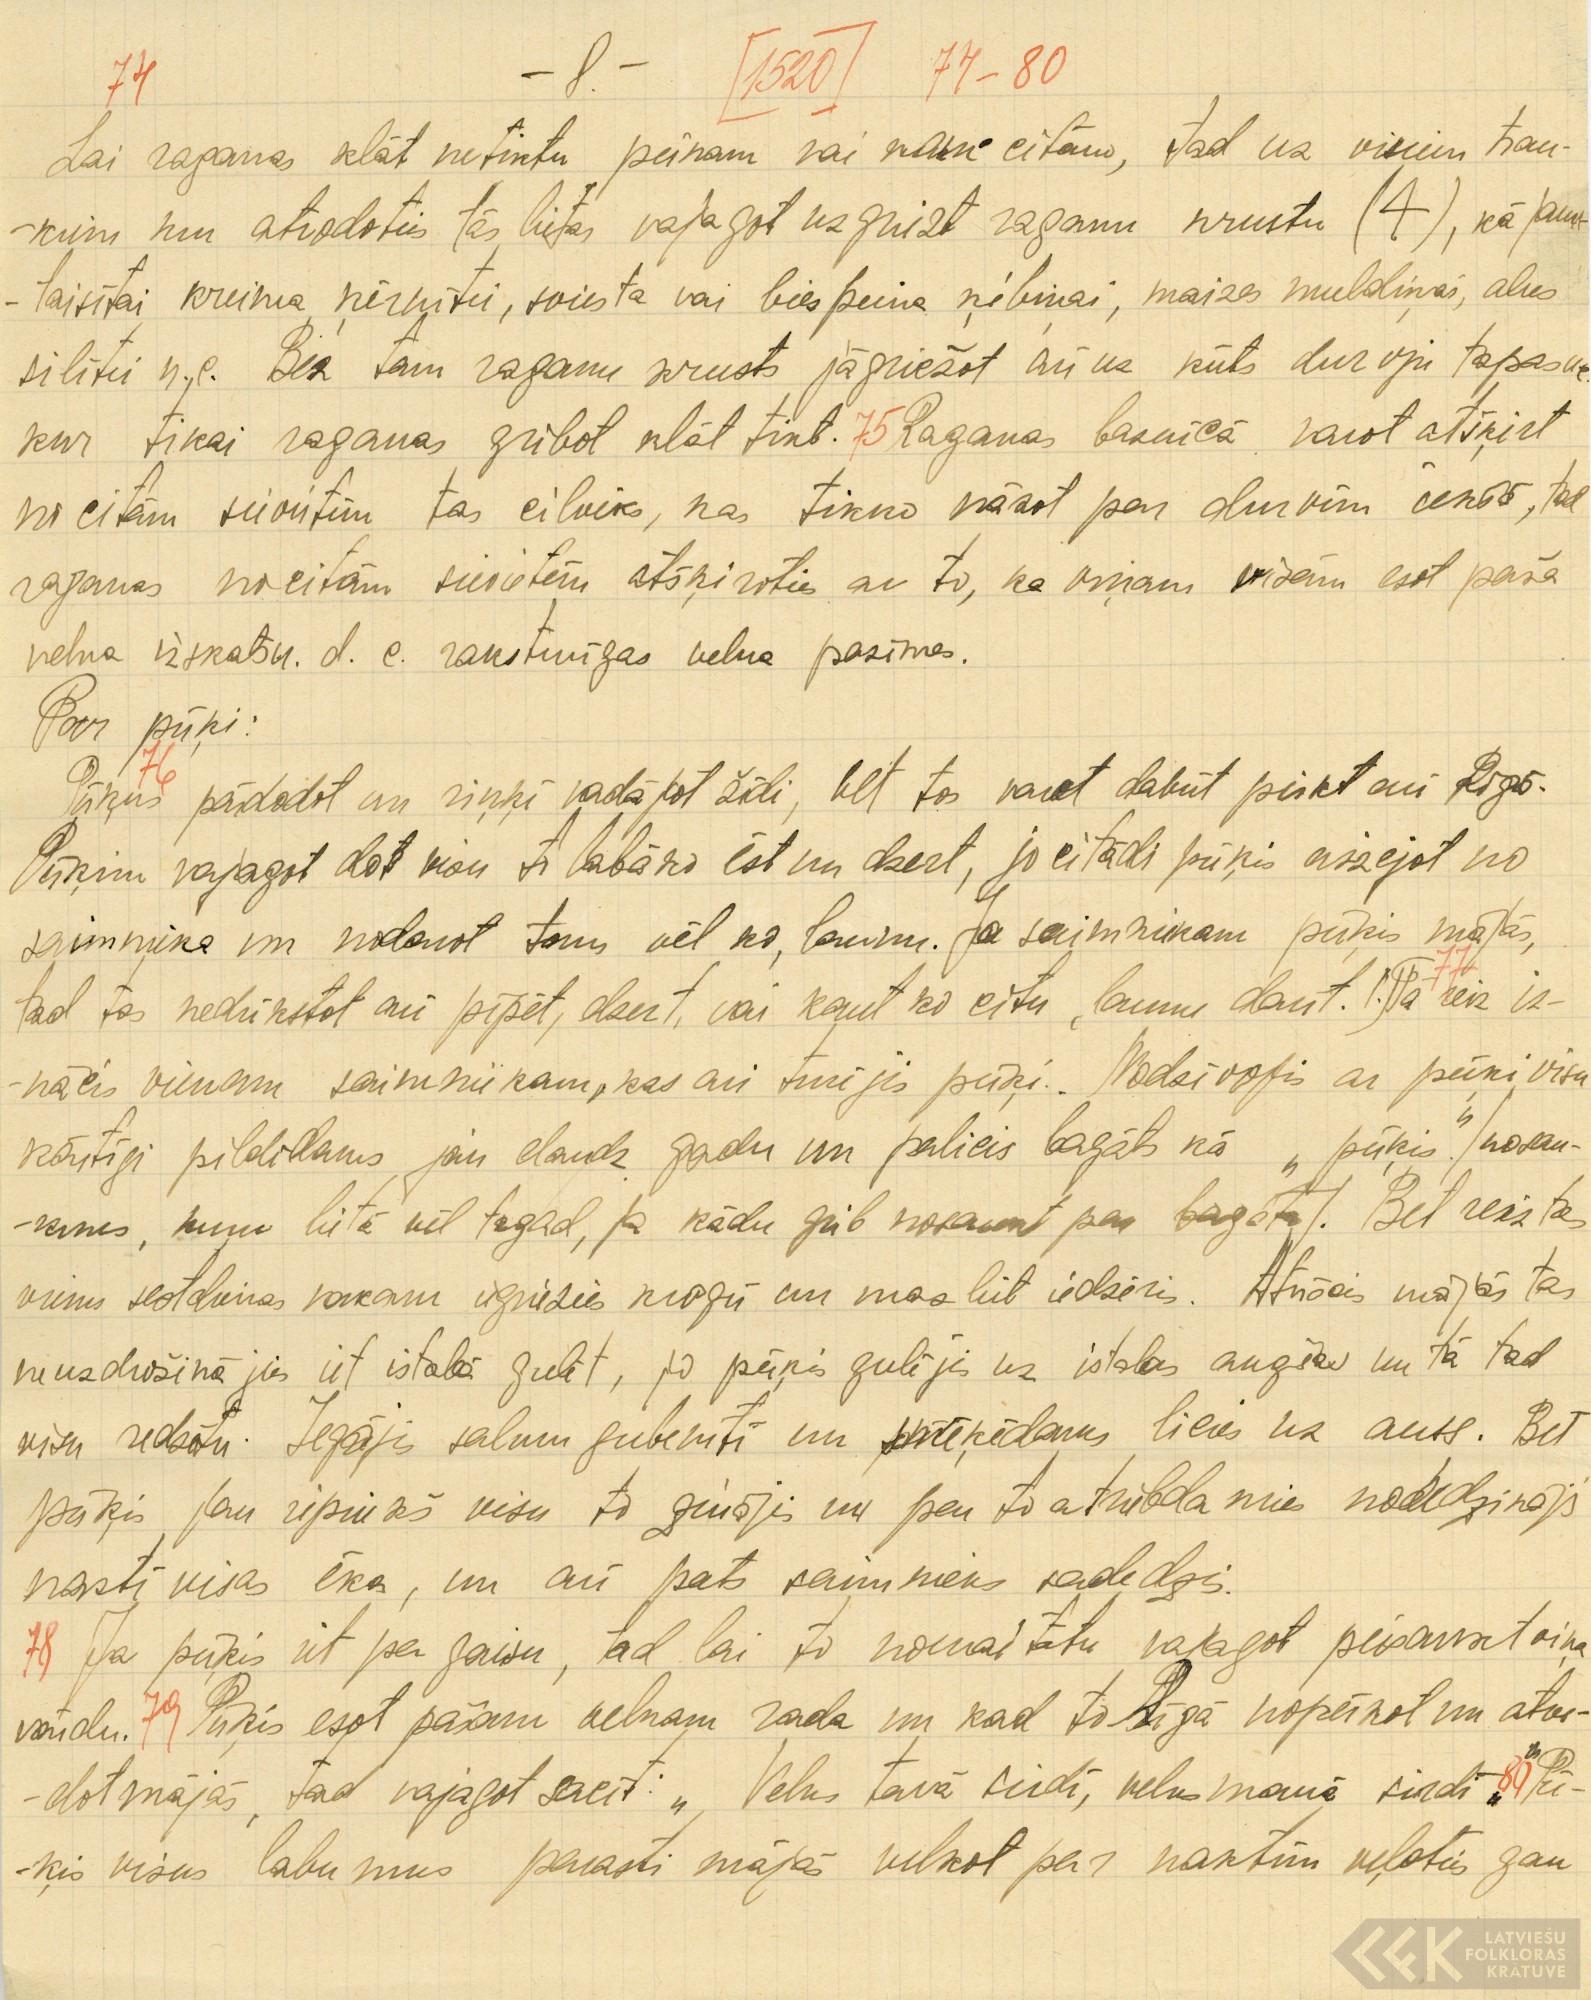 1520-Augsgaujas-mazpulks-01-0014